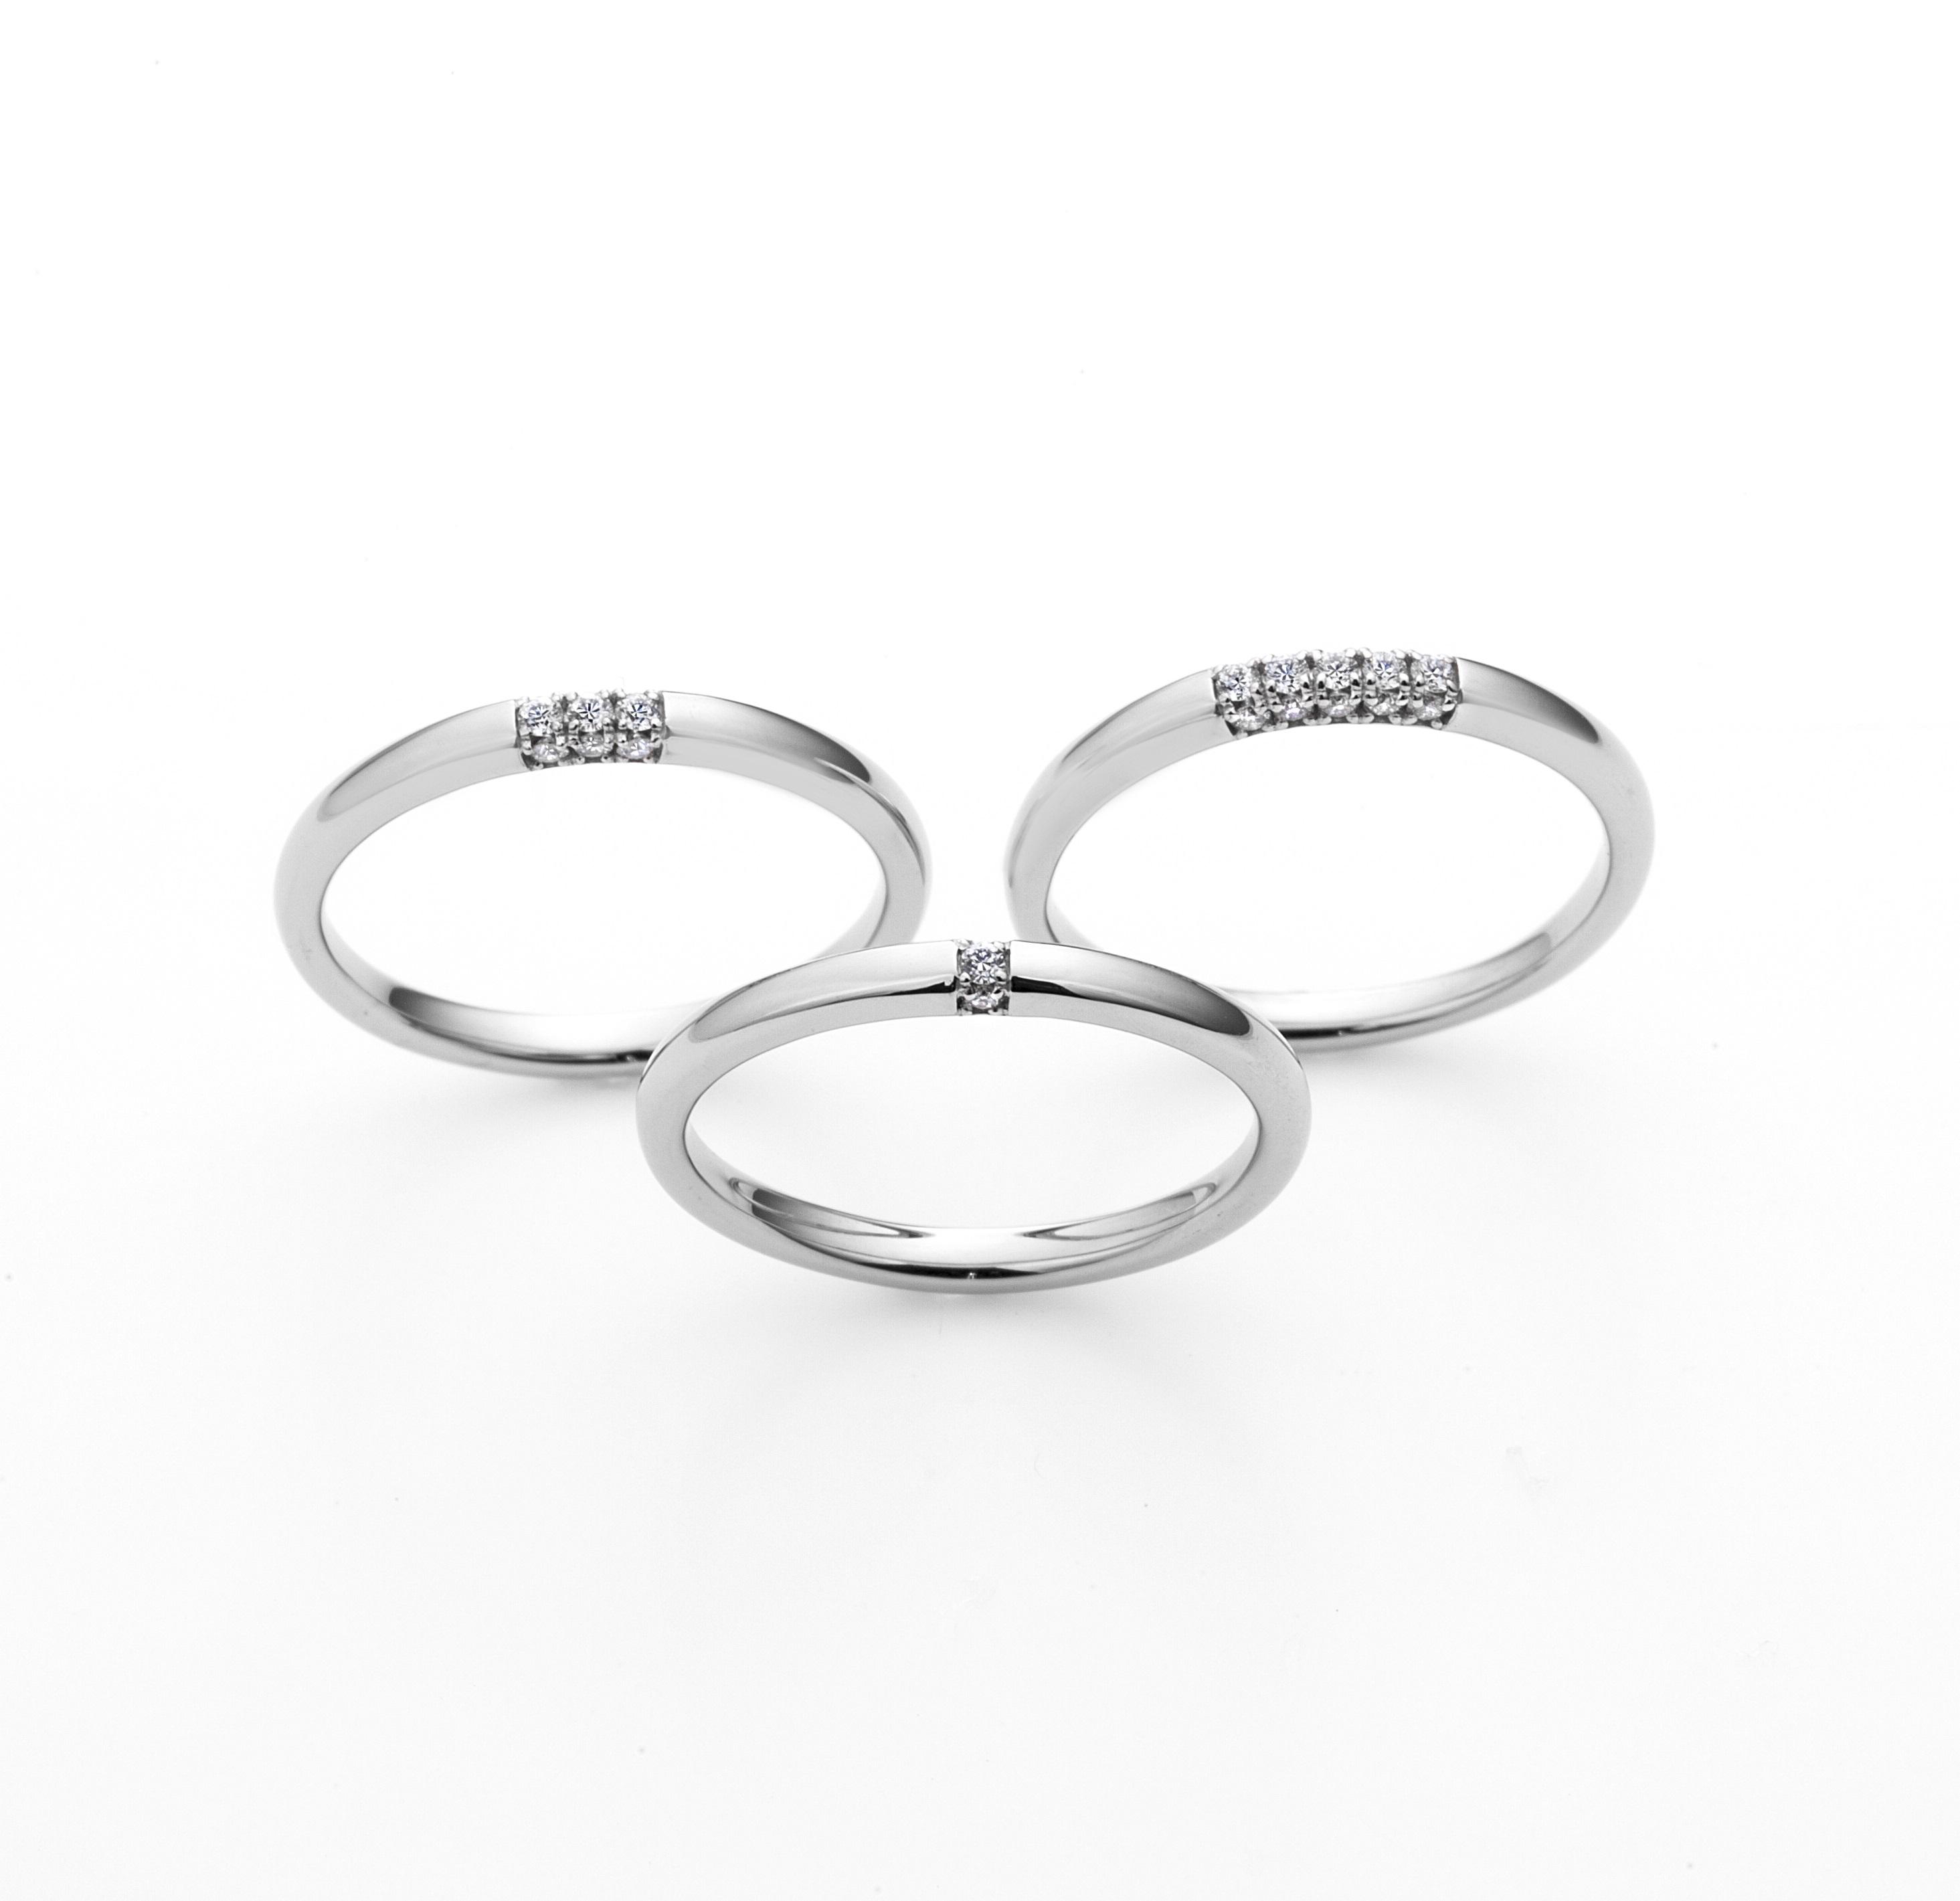 ラザールダイヤモンド結婚指輪(マリッジリング) FH004PR画像